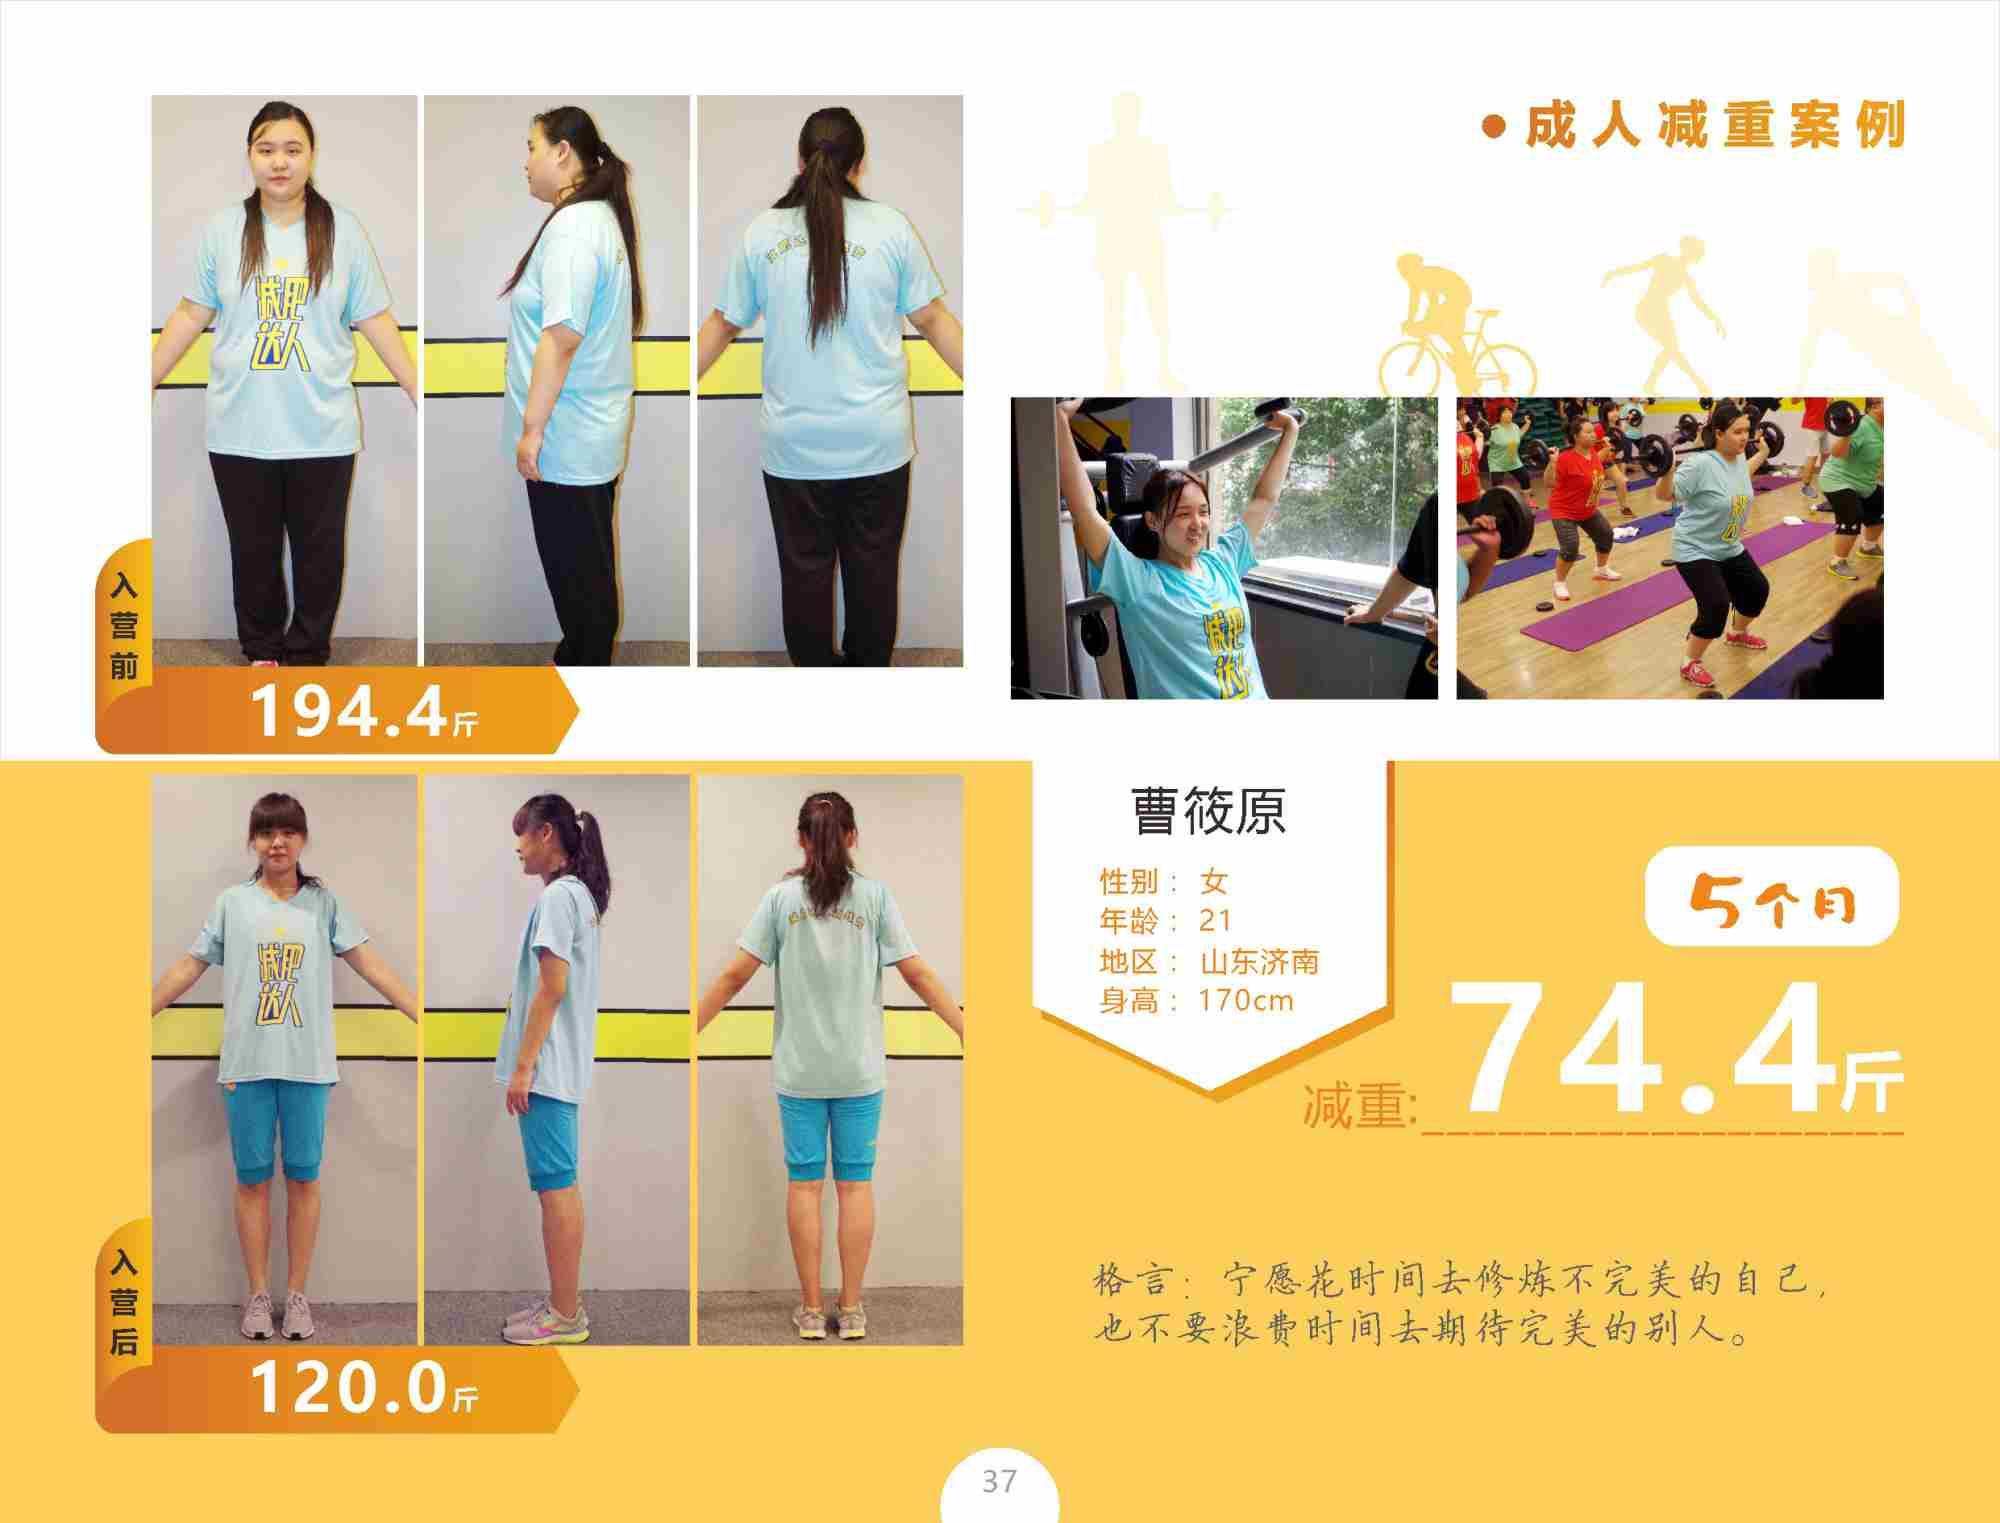 成人减肥案例曹筱原减重74.4斤